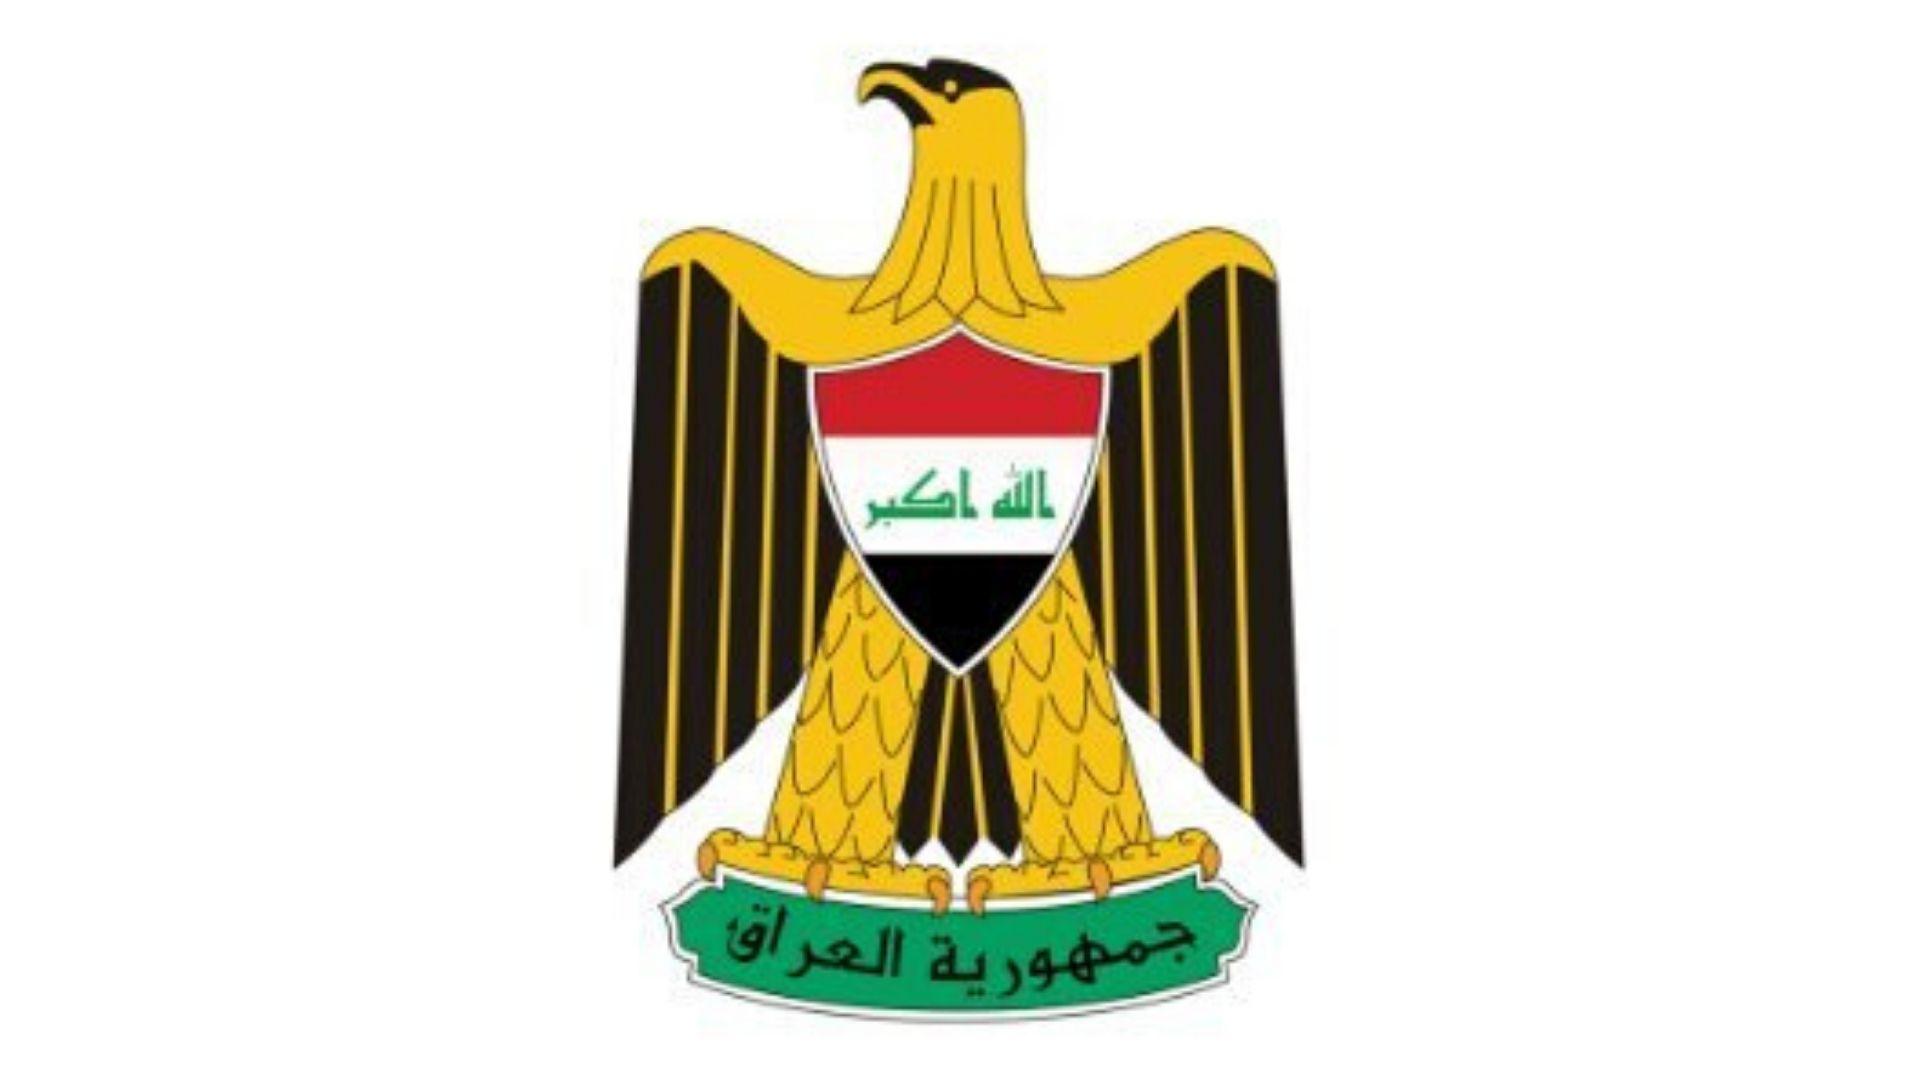 العراق يستمر في وقف الحركة التجارية مع إيران والكويت